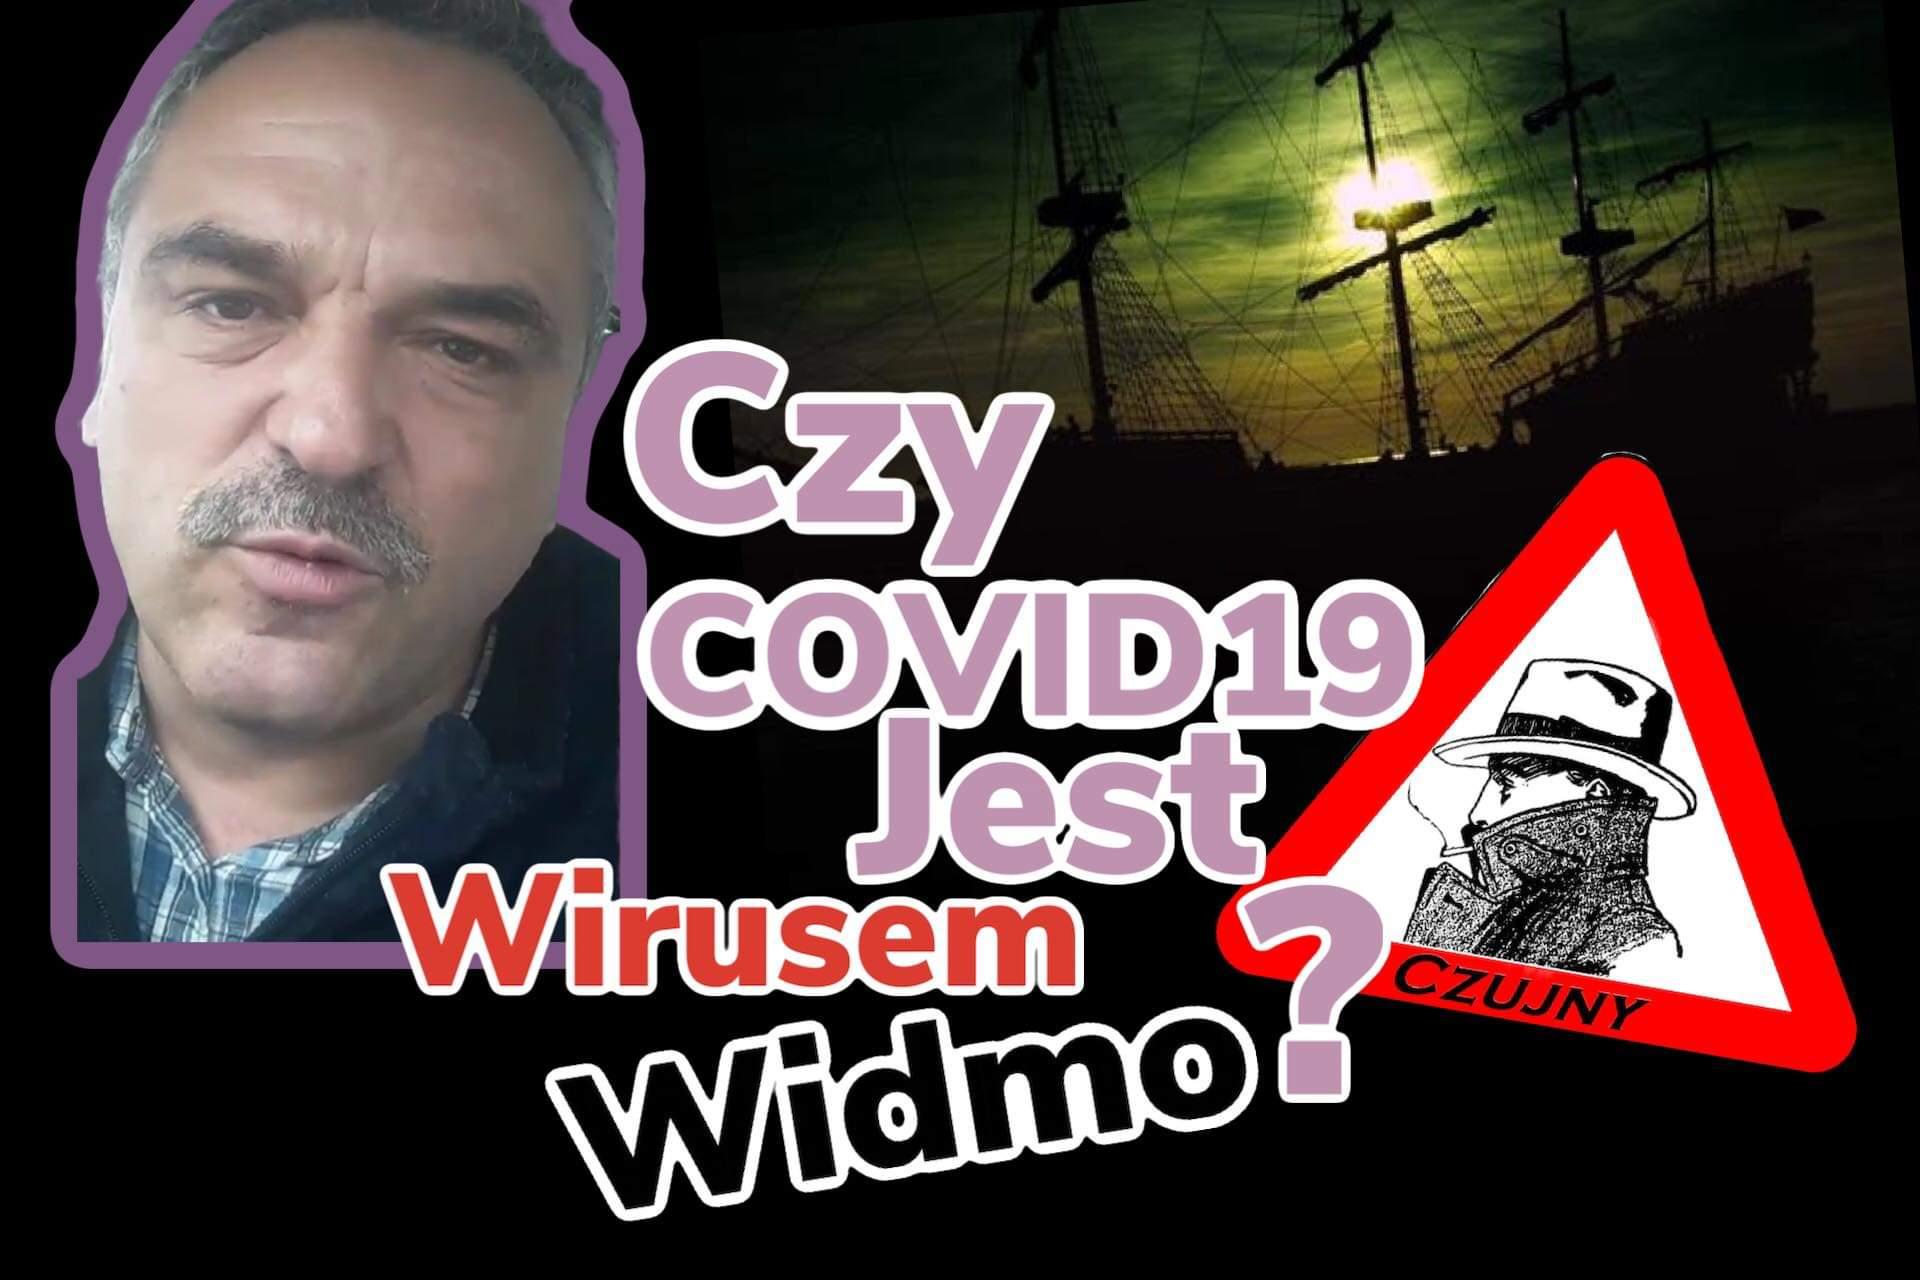 Czy Covid-19 jest wirusem widmo?